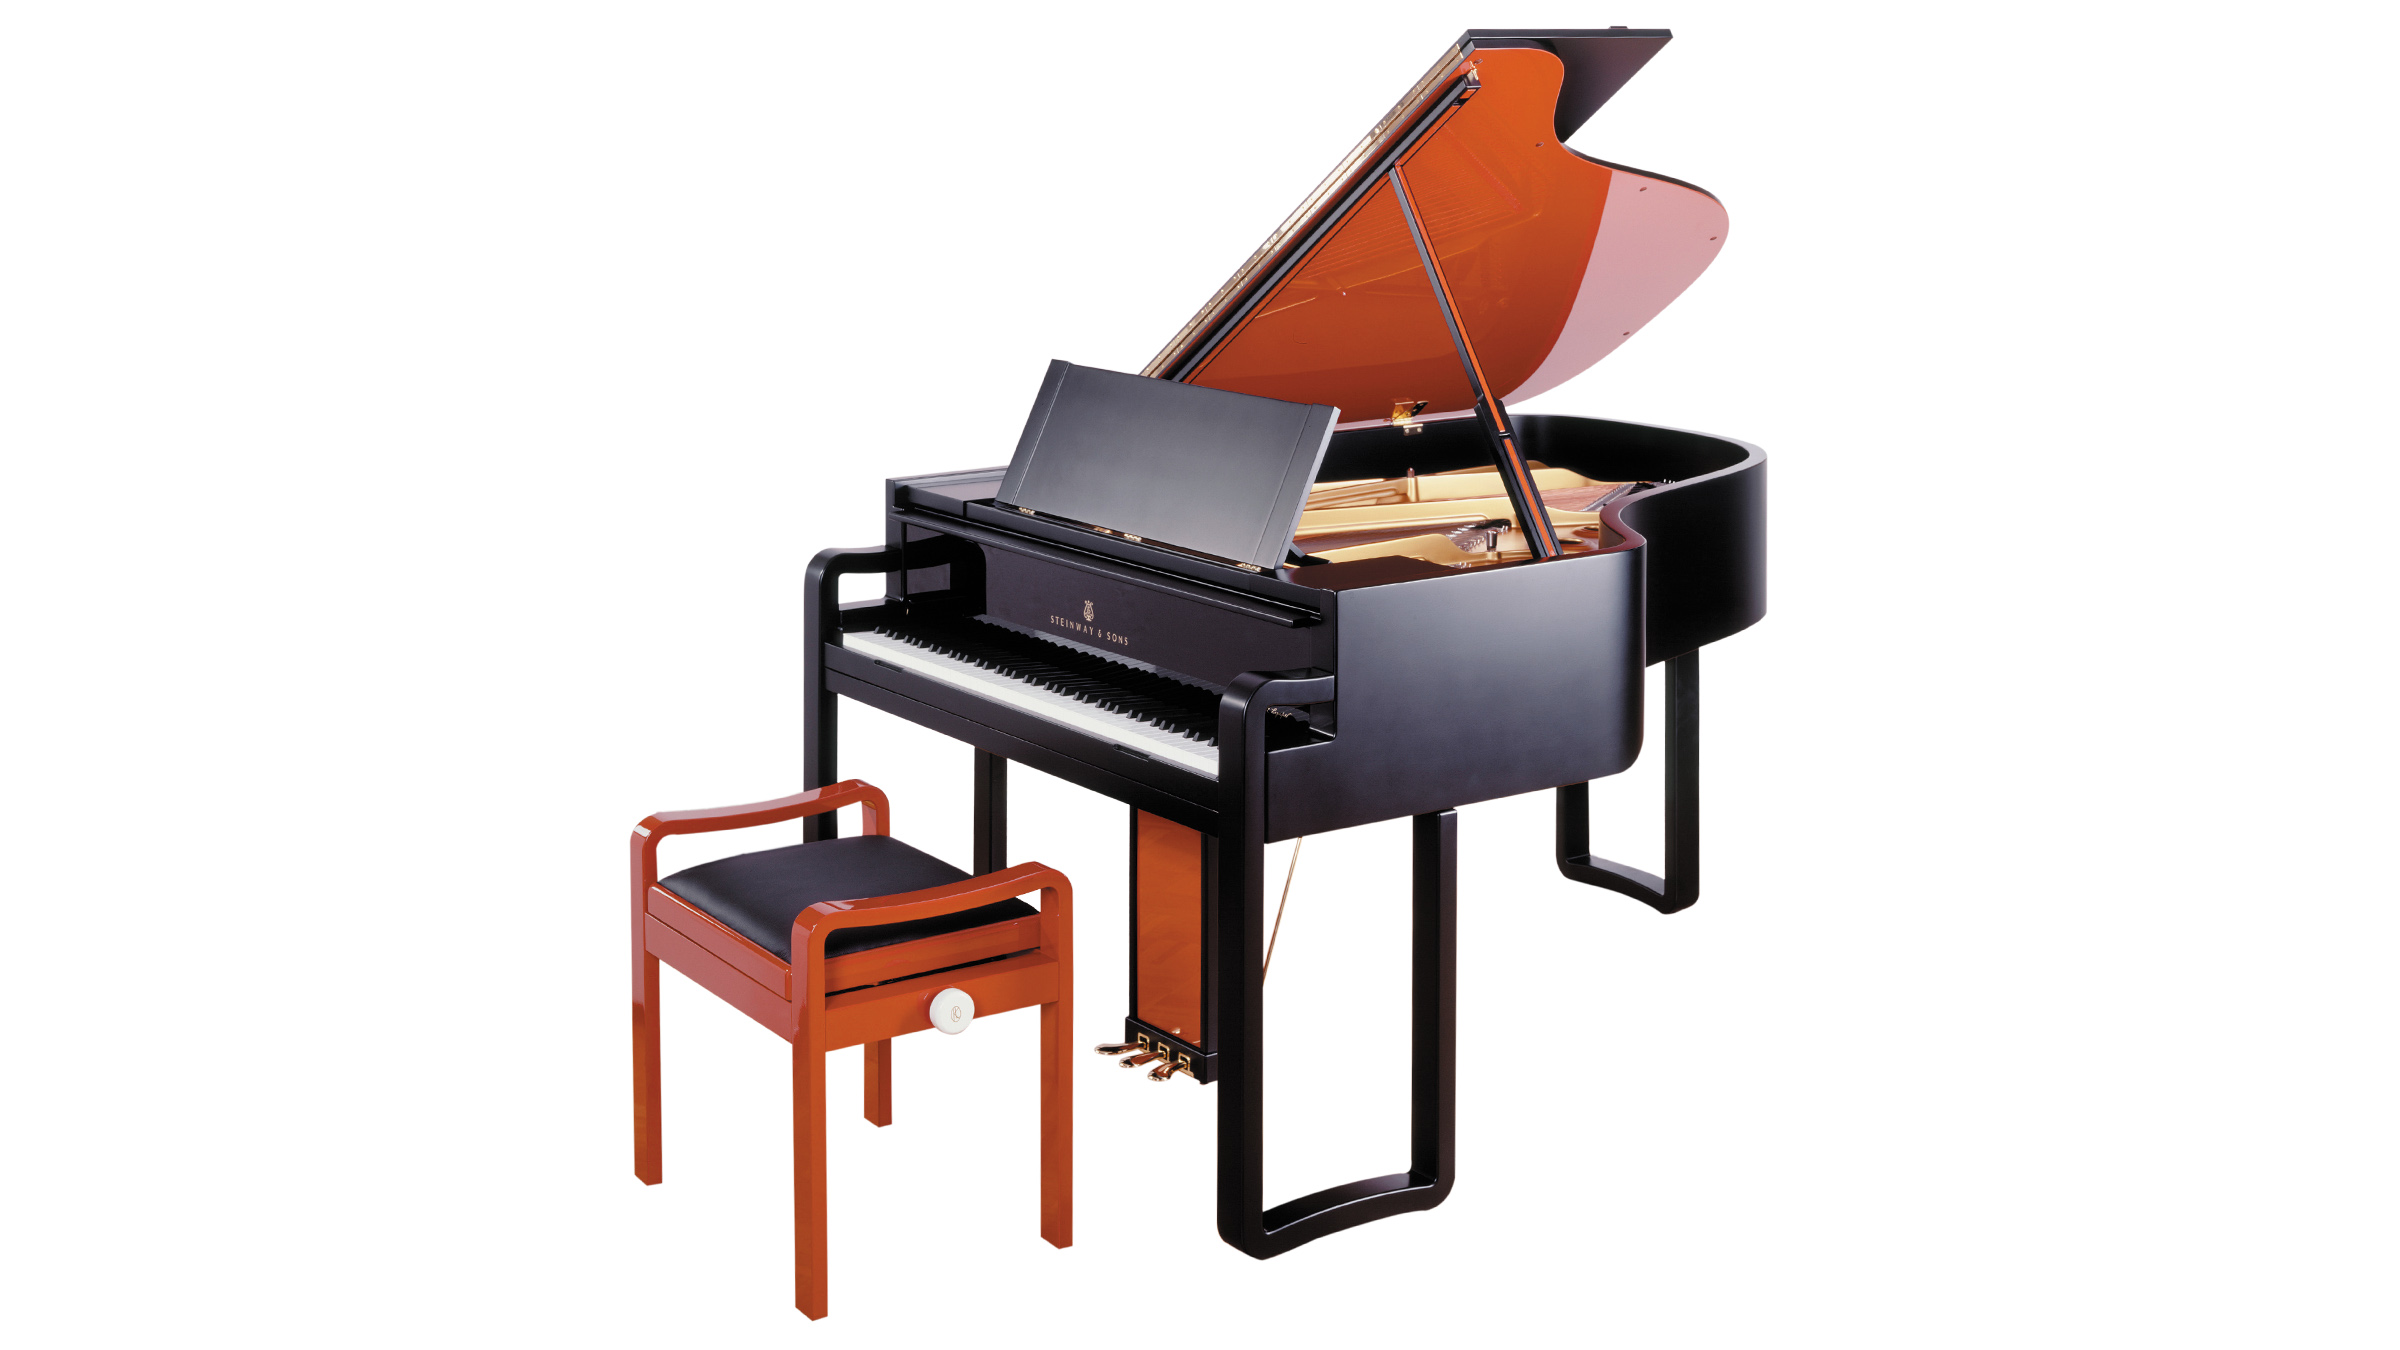 lagersfield_pianoforte_piatino_steinway